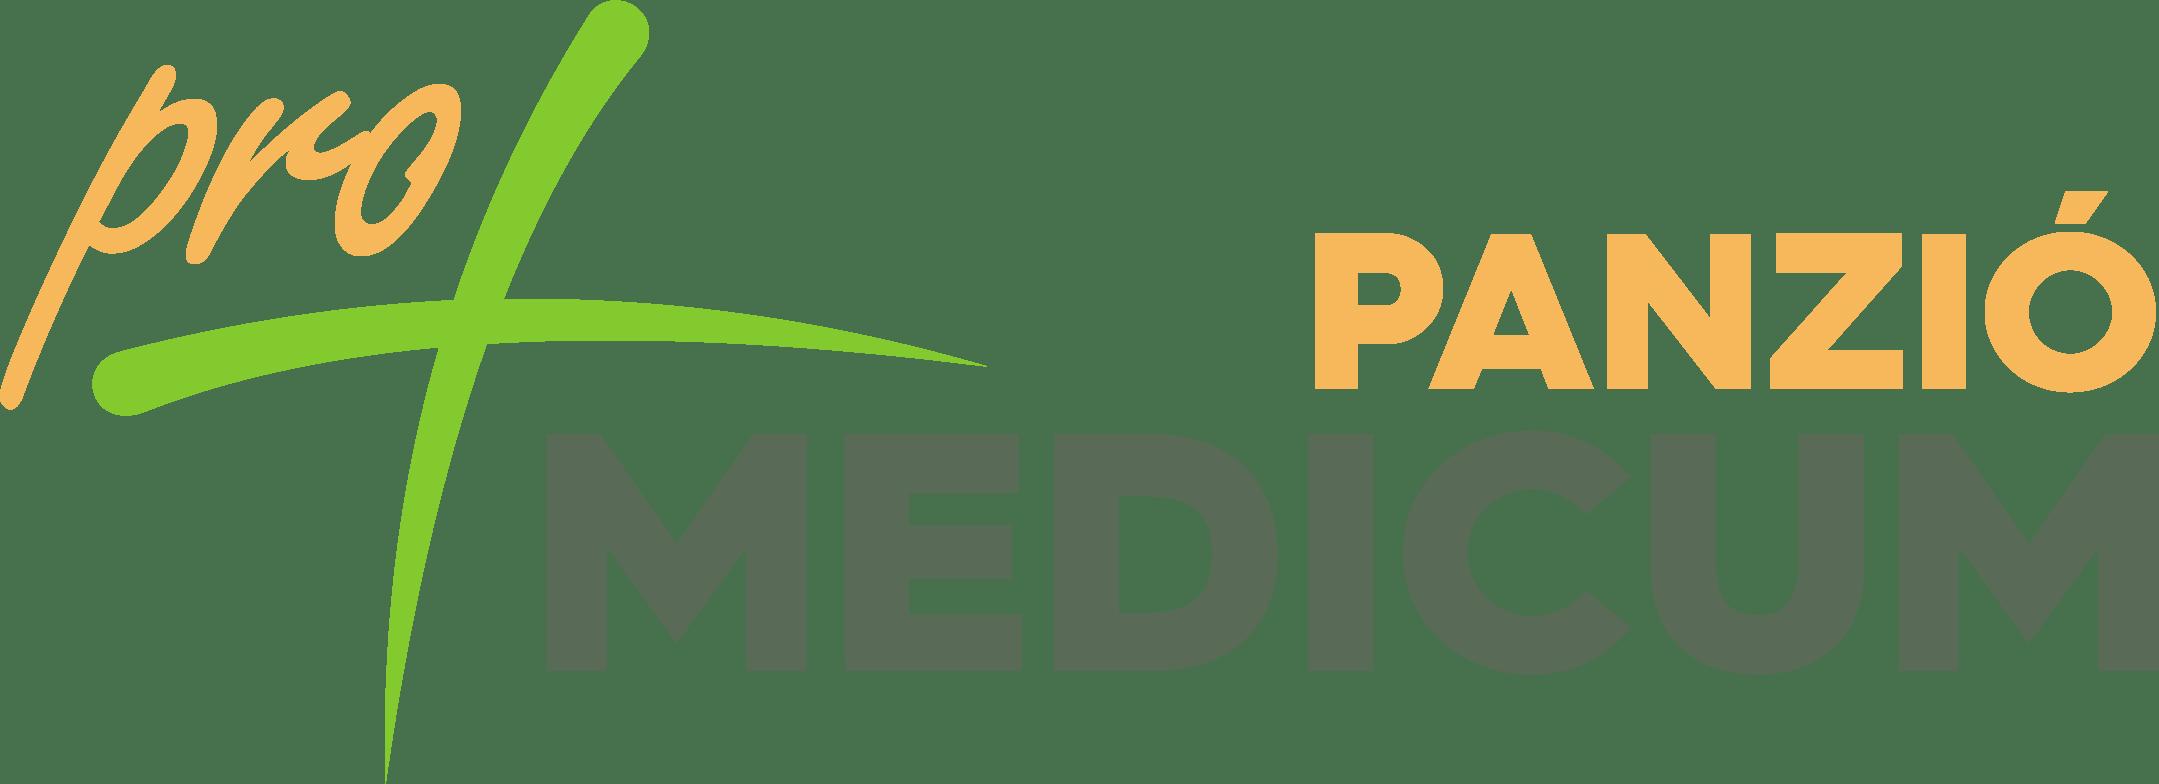 Promedicum Panzió